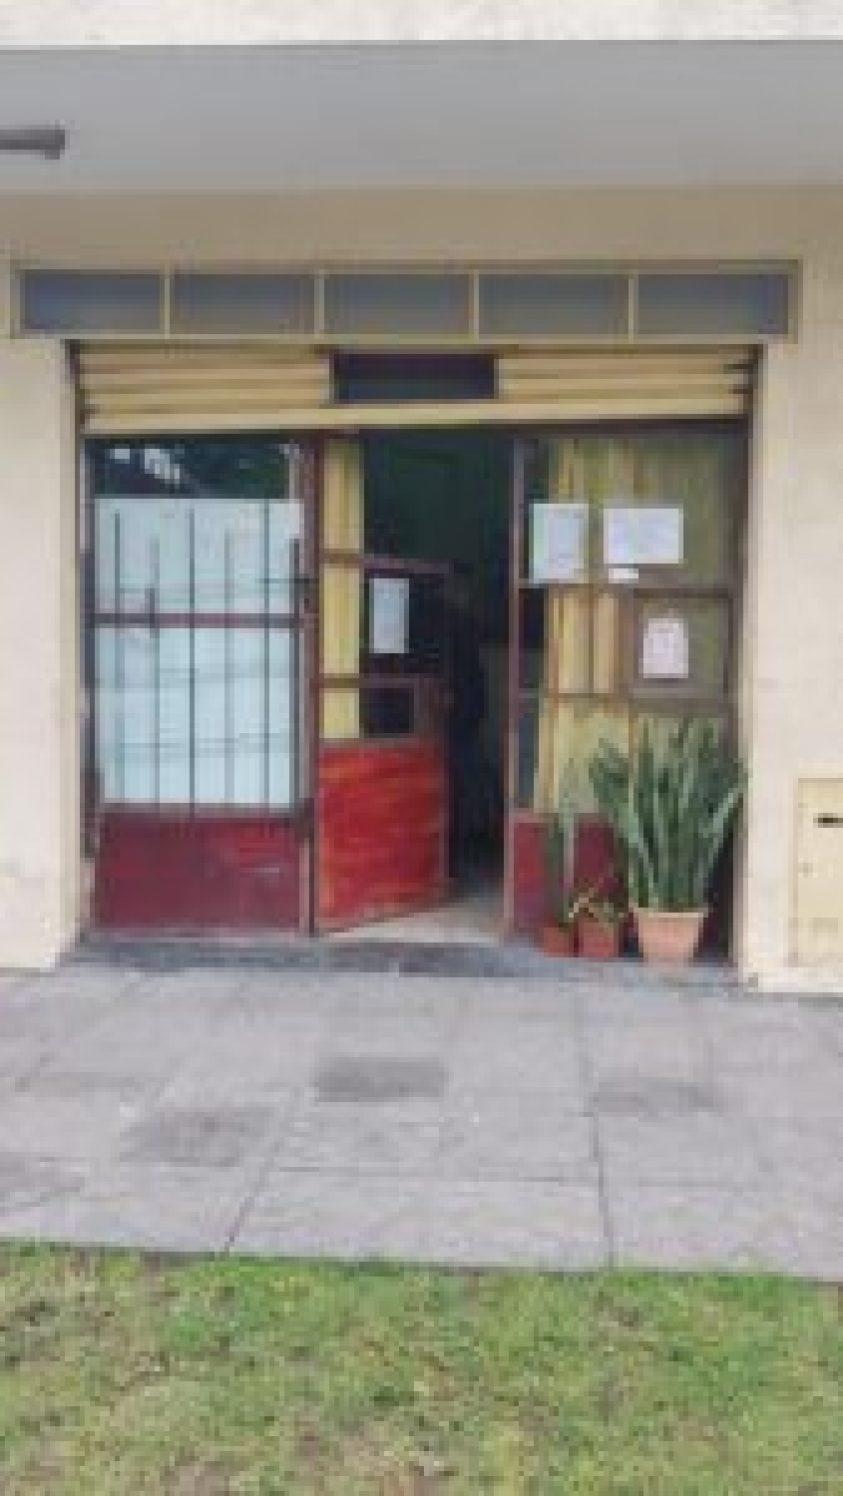 Juego clandestino en La Matanza